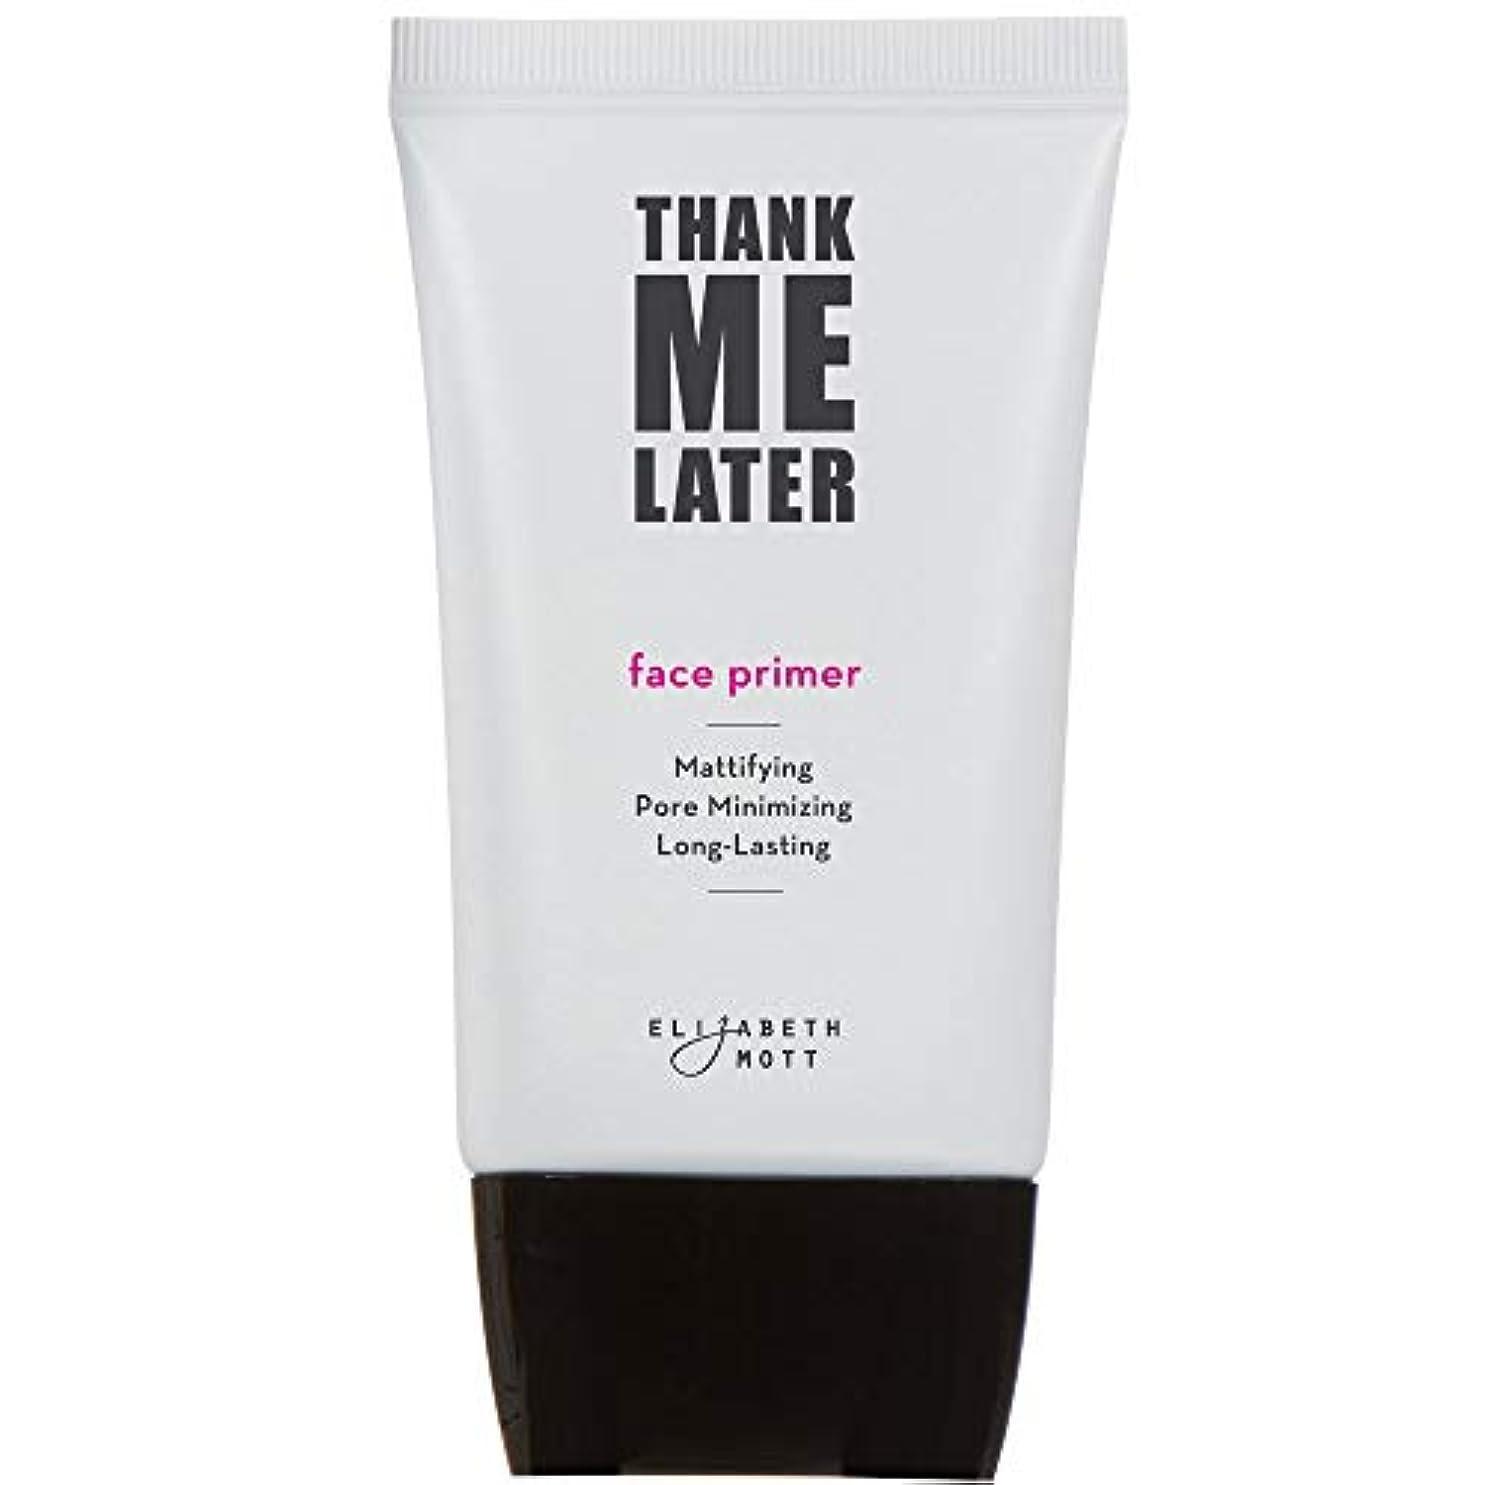 アンペア明確にうなずくThank Me Later Primer. Paraben-free and Cruelty Free. … Face Primer (30G) フェイスプライマー(下地)